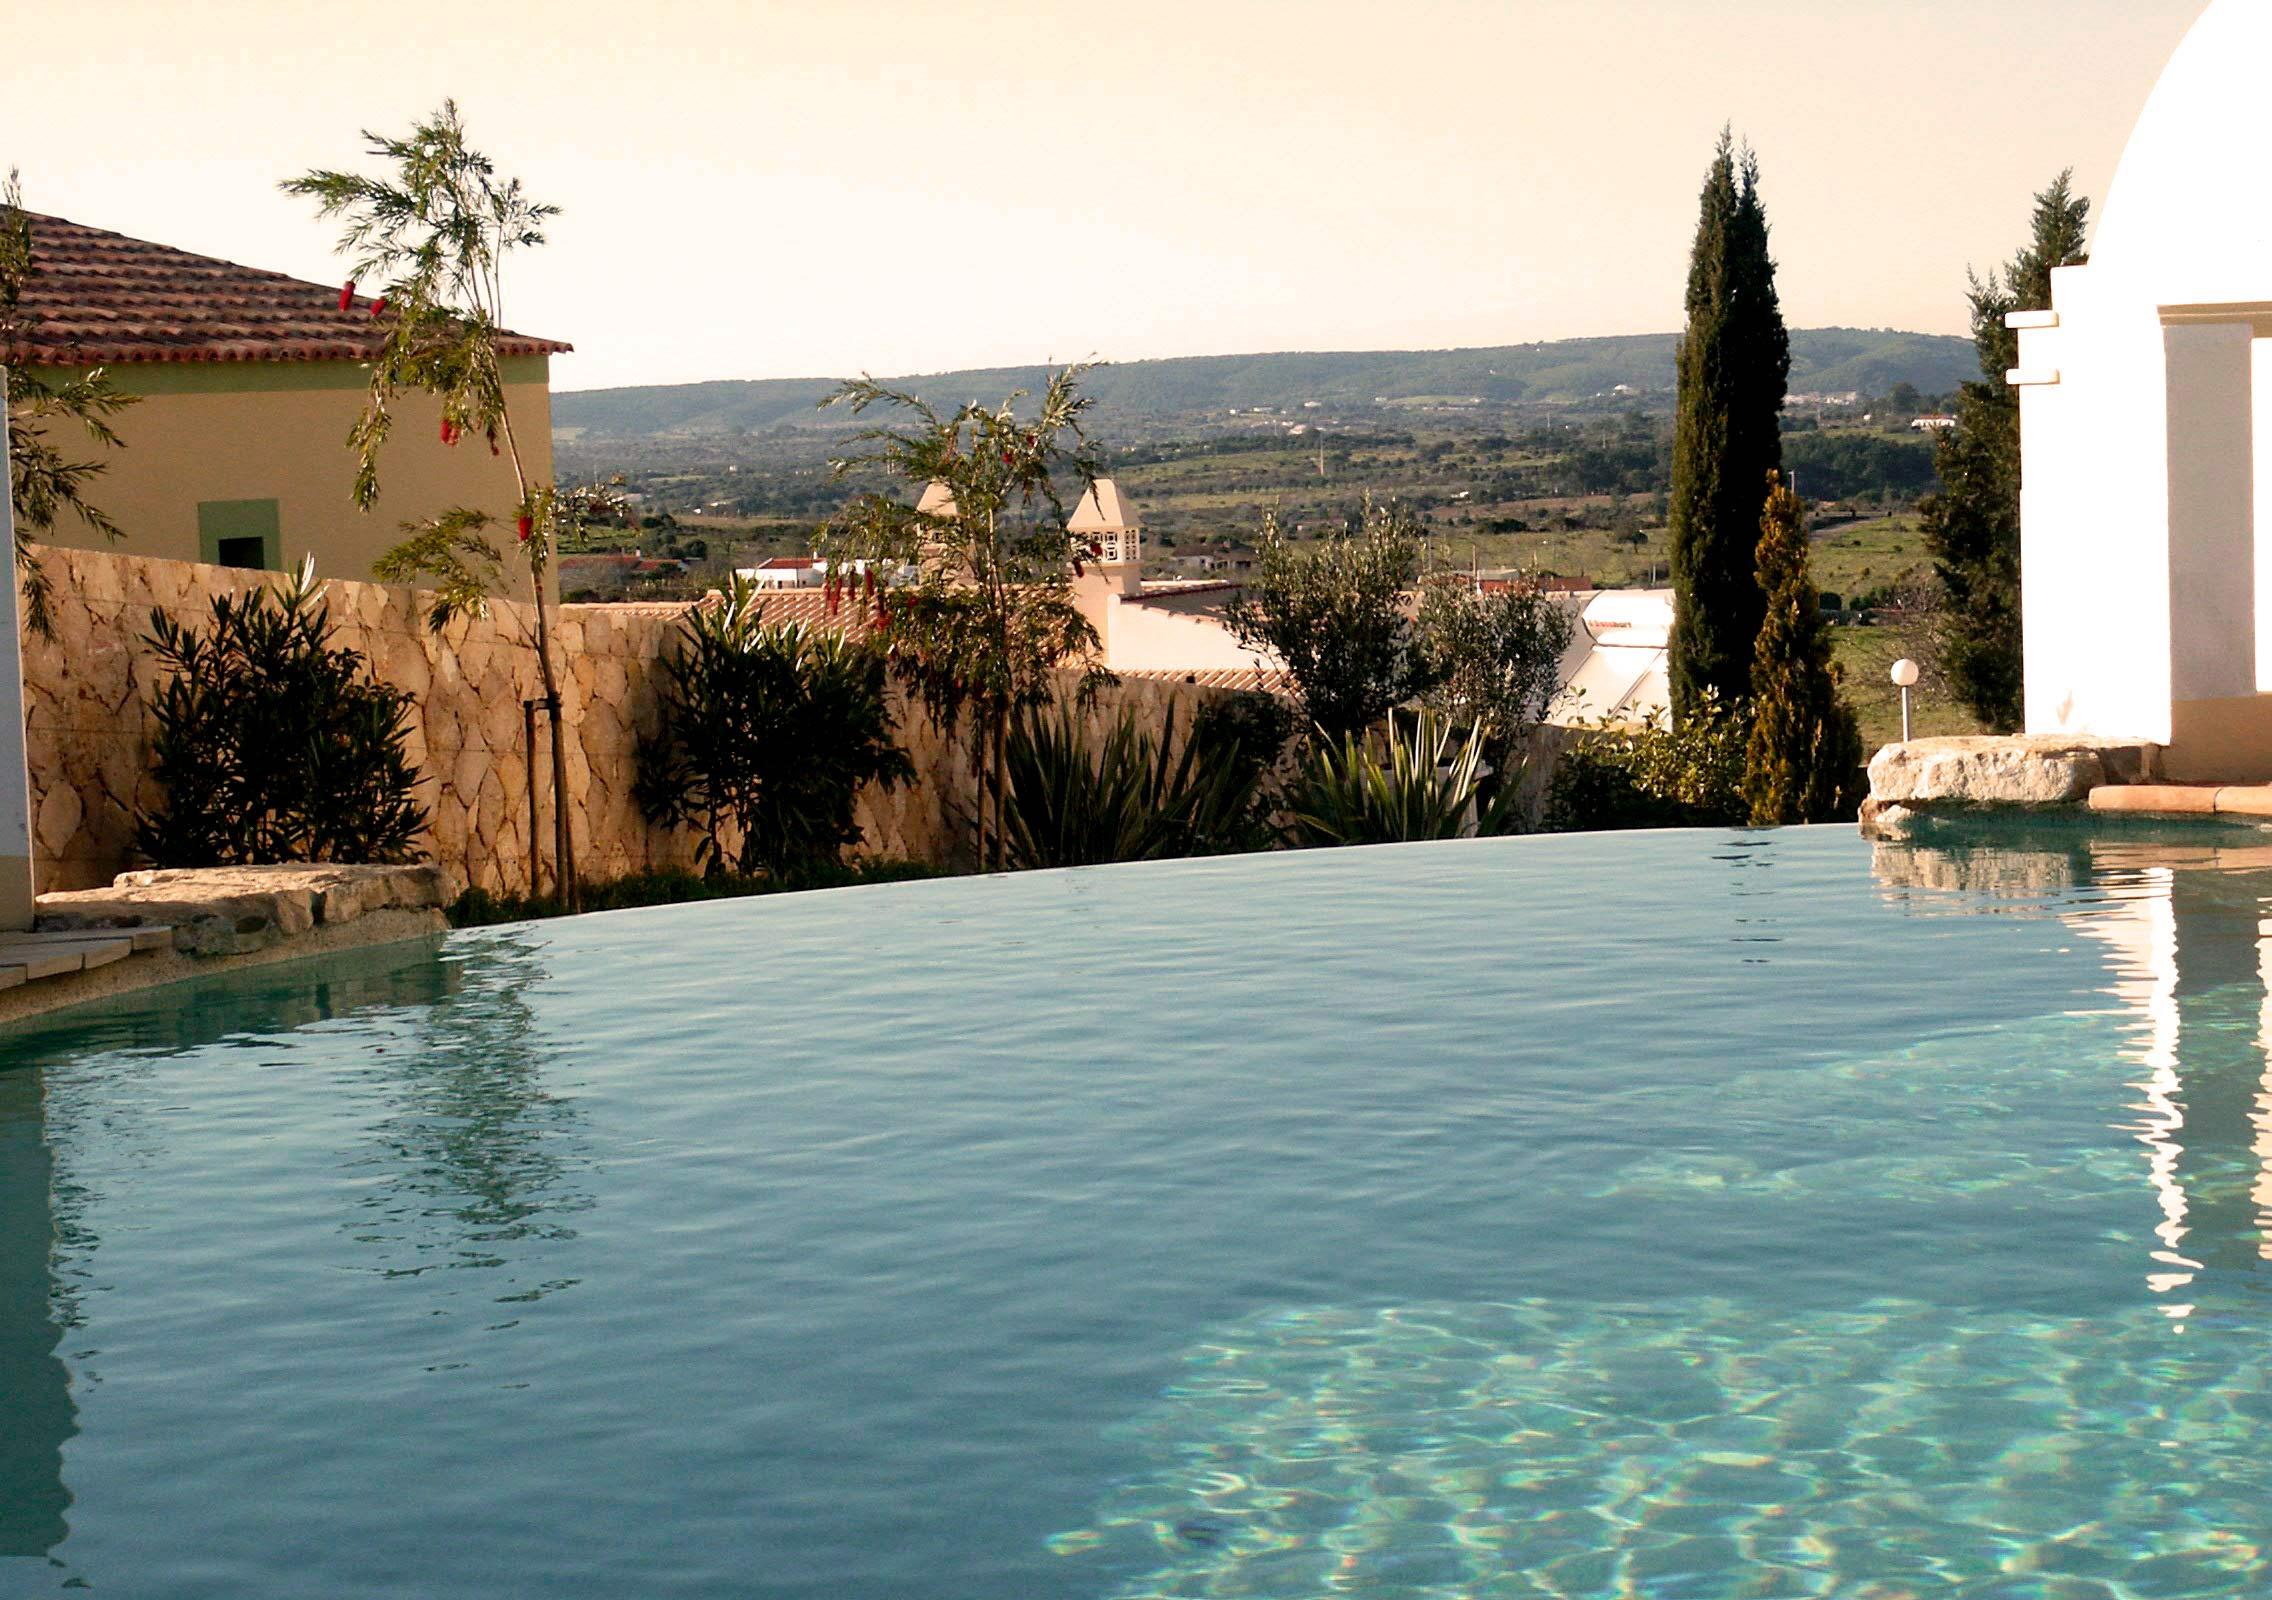 20 dic piscinas infinity en almera hidrosport piscinas de diseo - Piscinas De Diseo